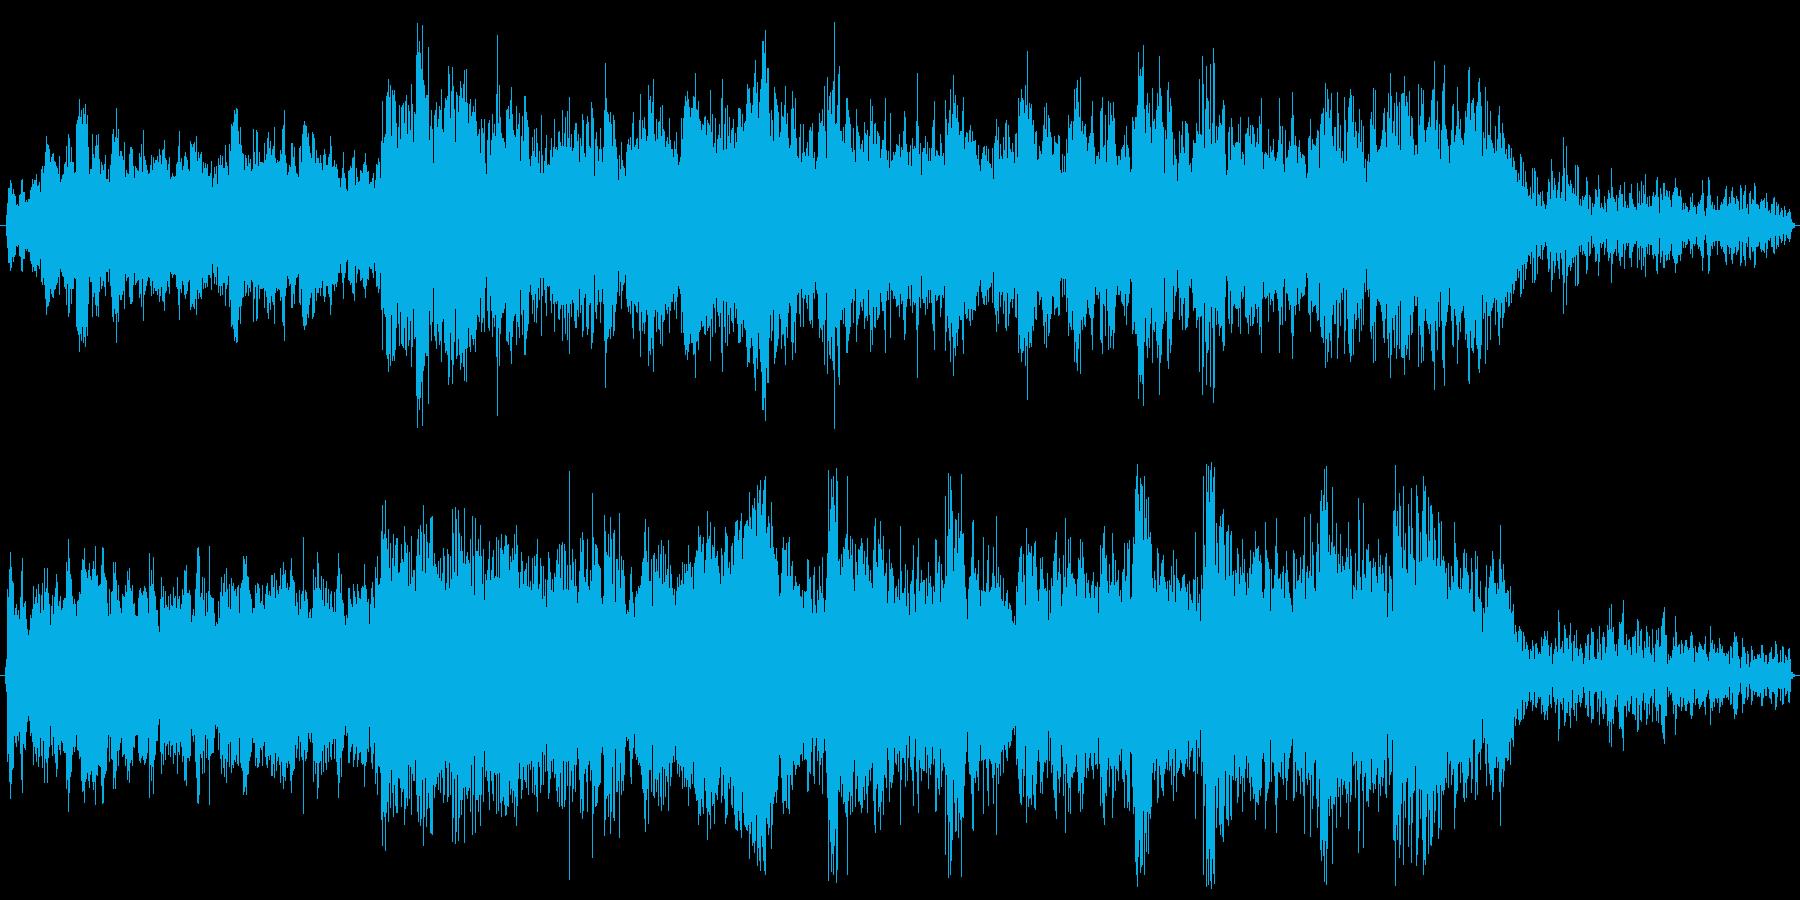 映画音楽風な迫力のあるBGMの再生済みの波形